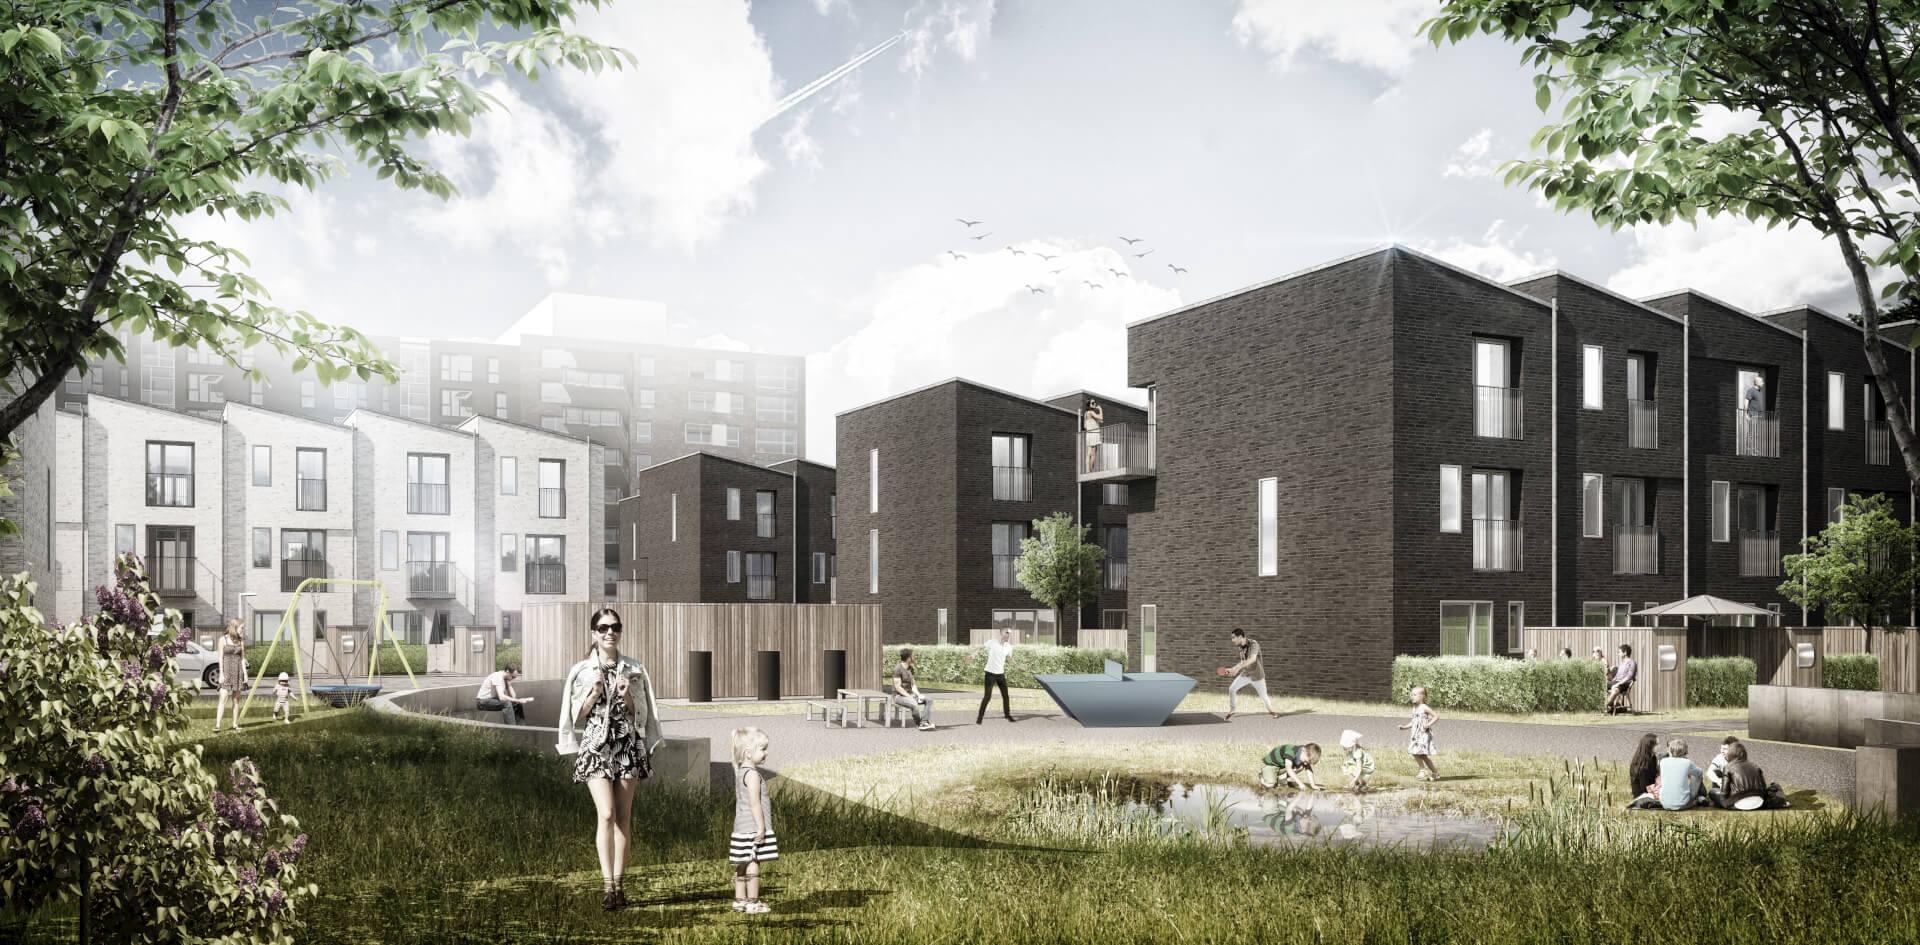 Visualisering af en central kvartersplads i Bellakvarter